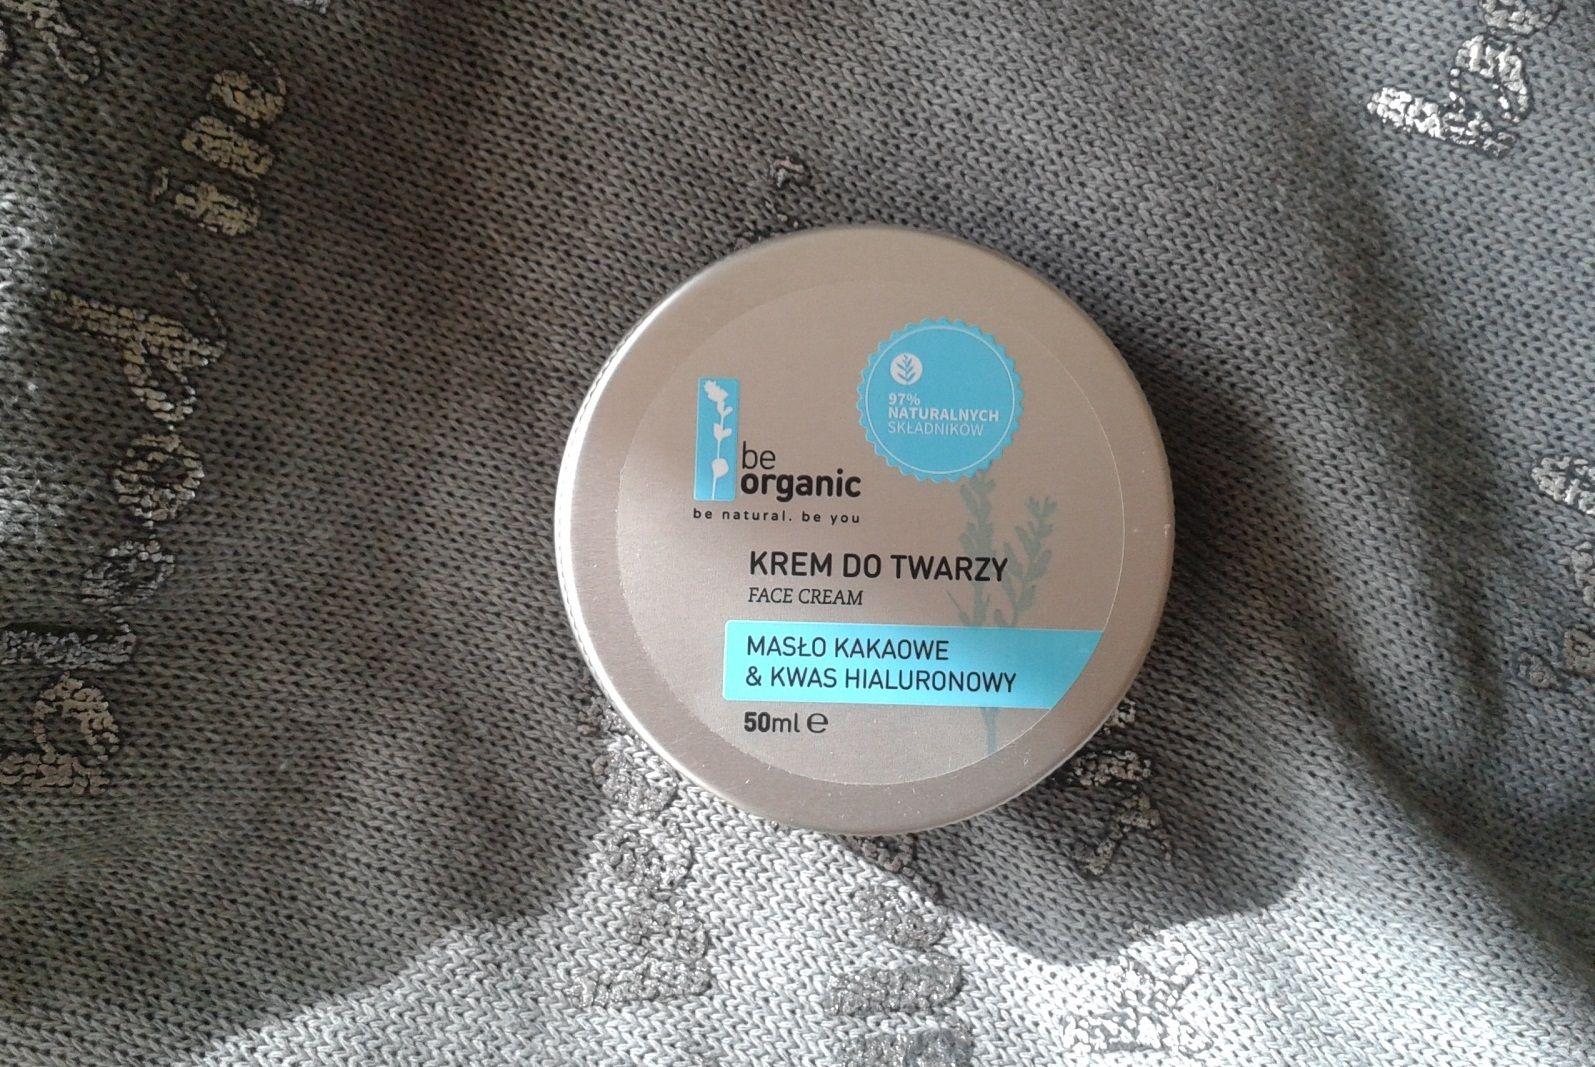 Krem Be Organic masło Kakaowe & Kwas Hialuronowy